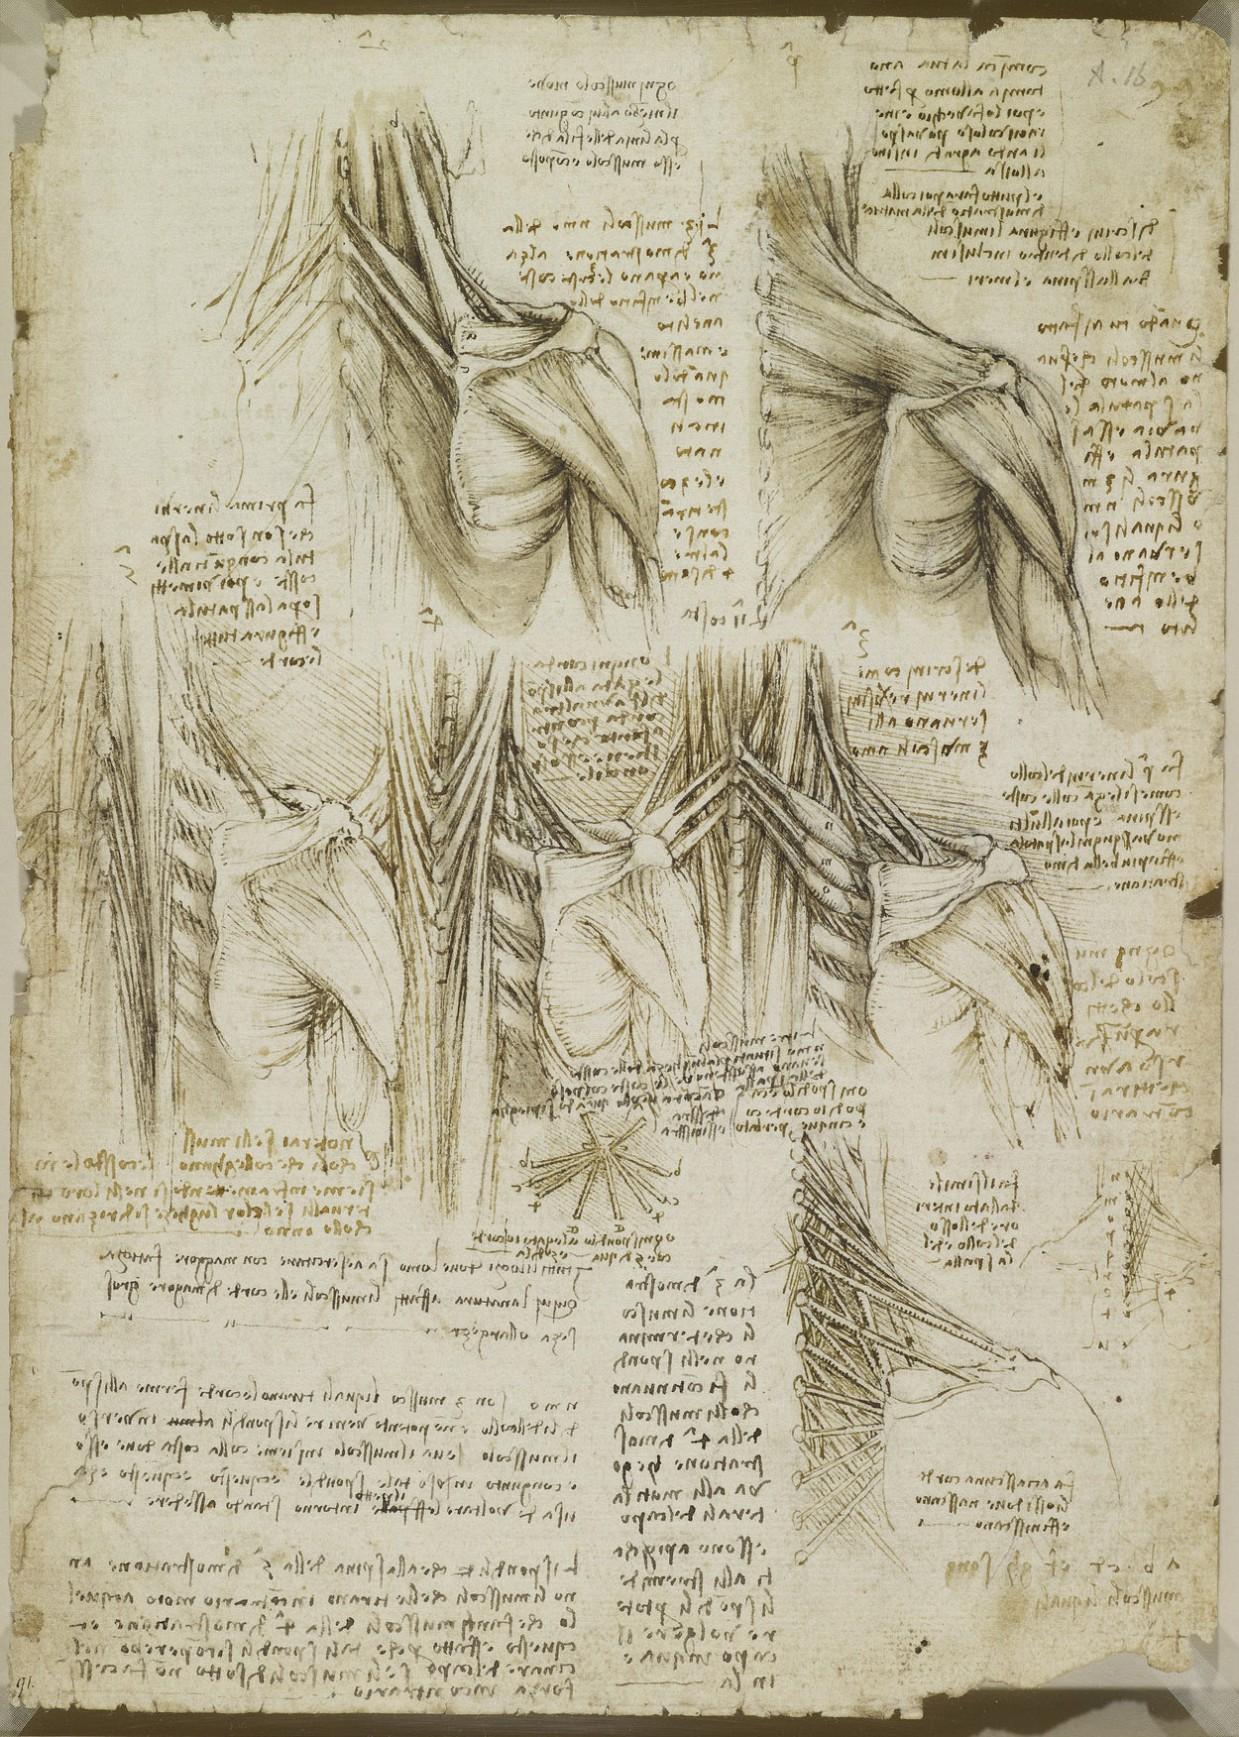 estudio anatomico leornado 16